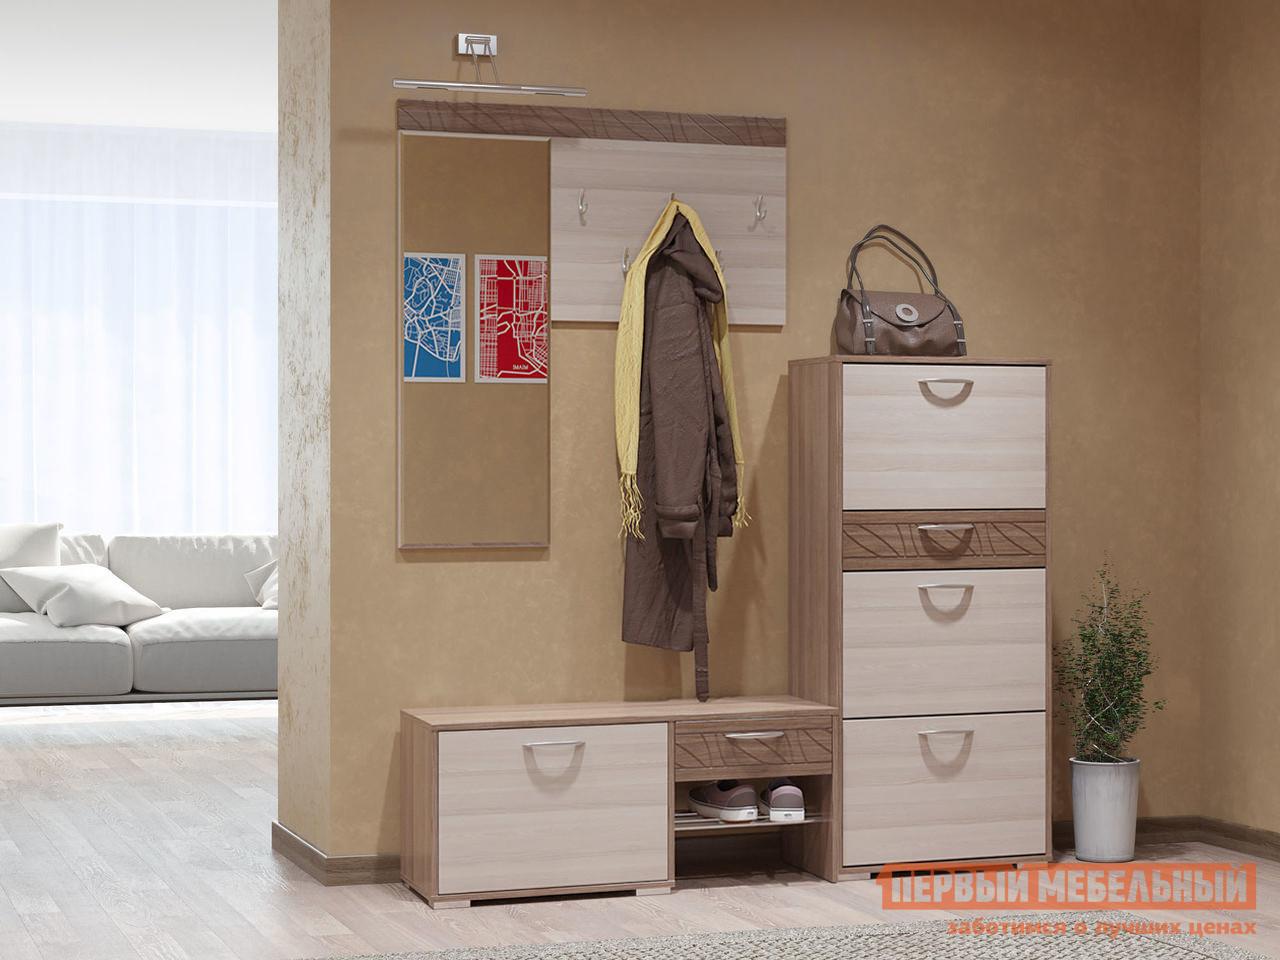 Прихожая в коридор Бит и Байт Трио ГК К1 спальный гарнитур трия саванна к1